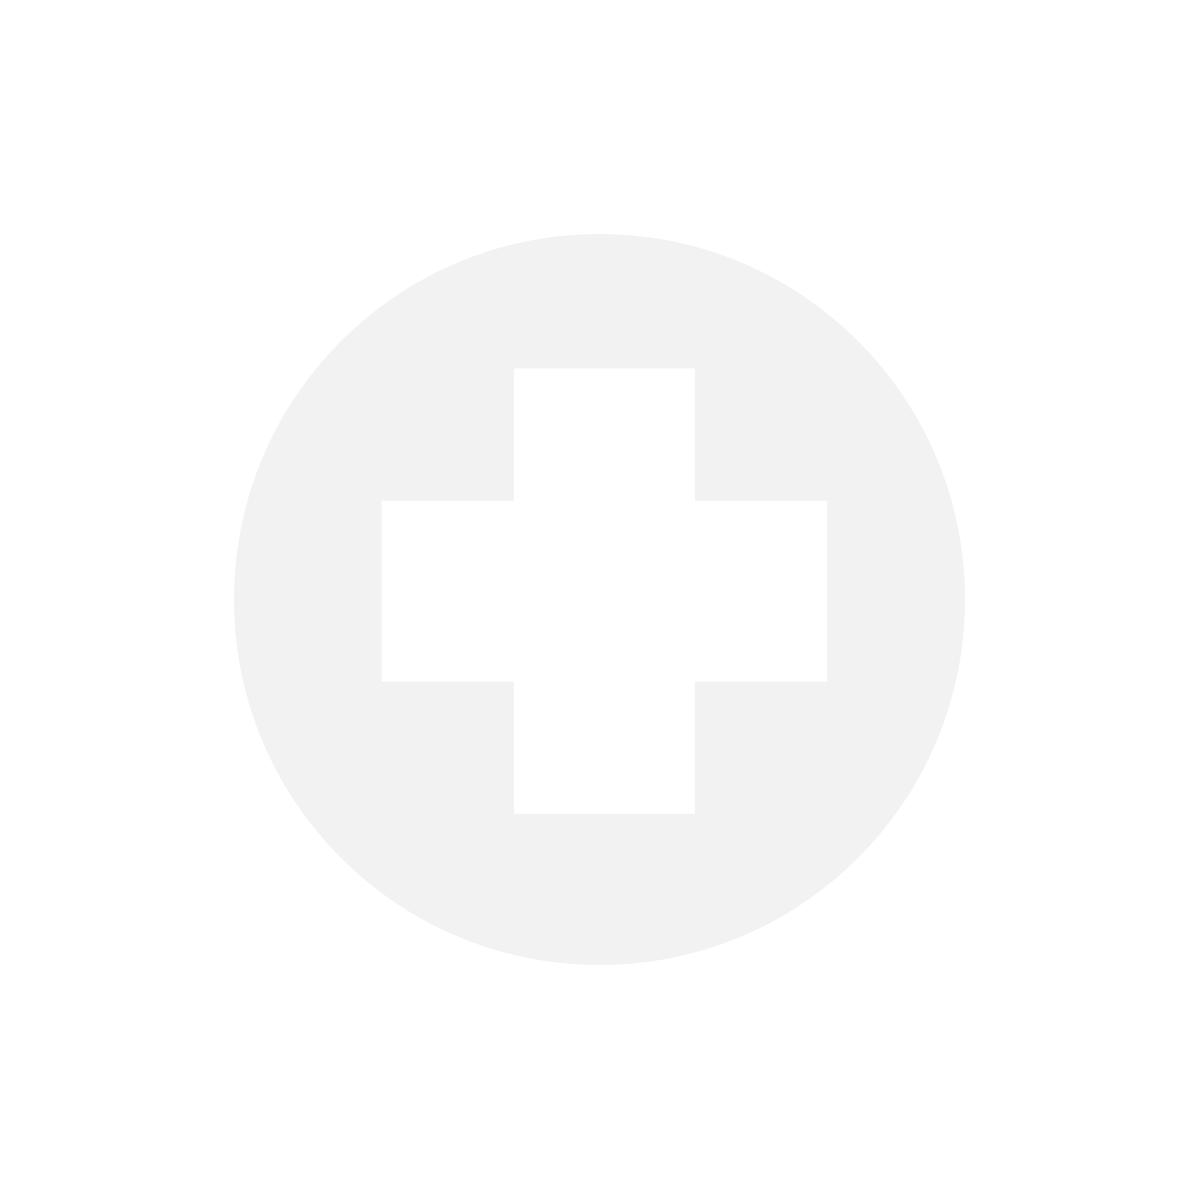 Papier hygiénique Compact Economique 60m - 521 formats (x12)